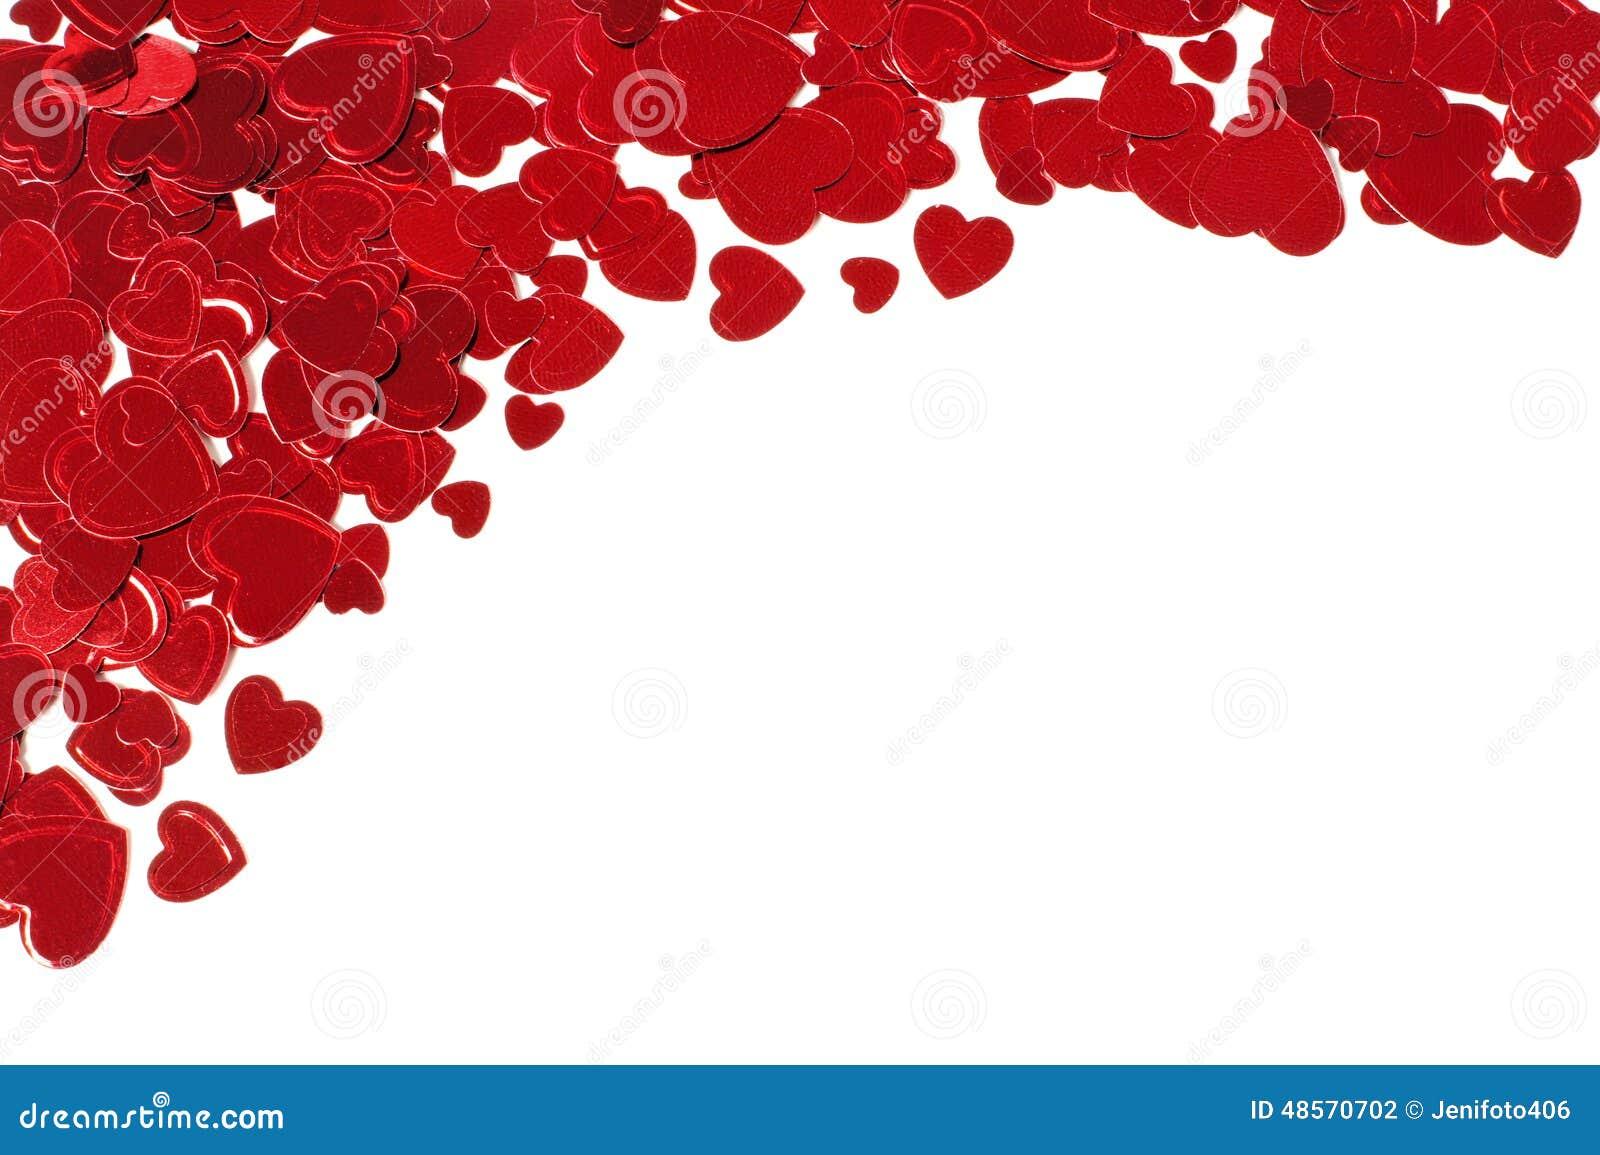 Confetti Hearts Corner Border Stock Photo - Image of ...